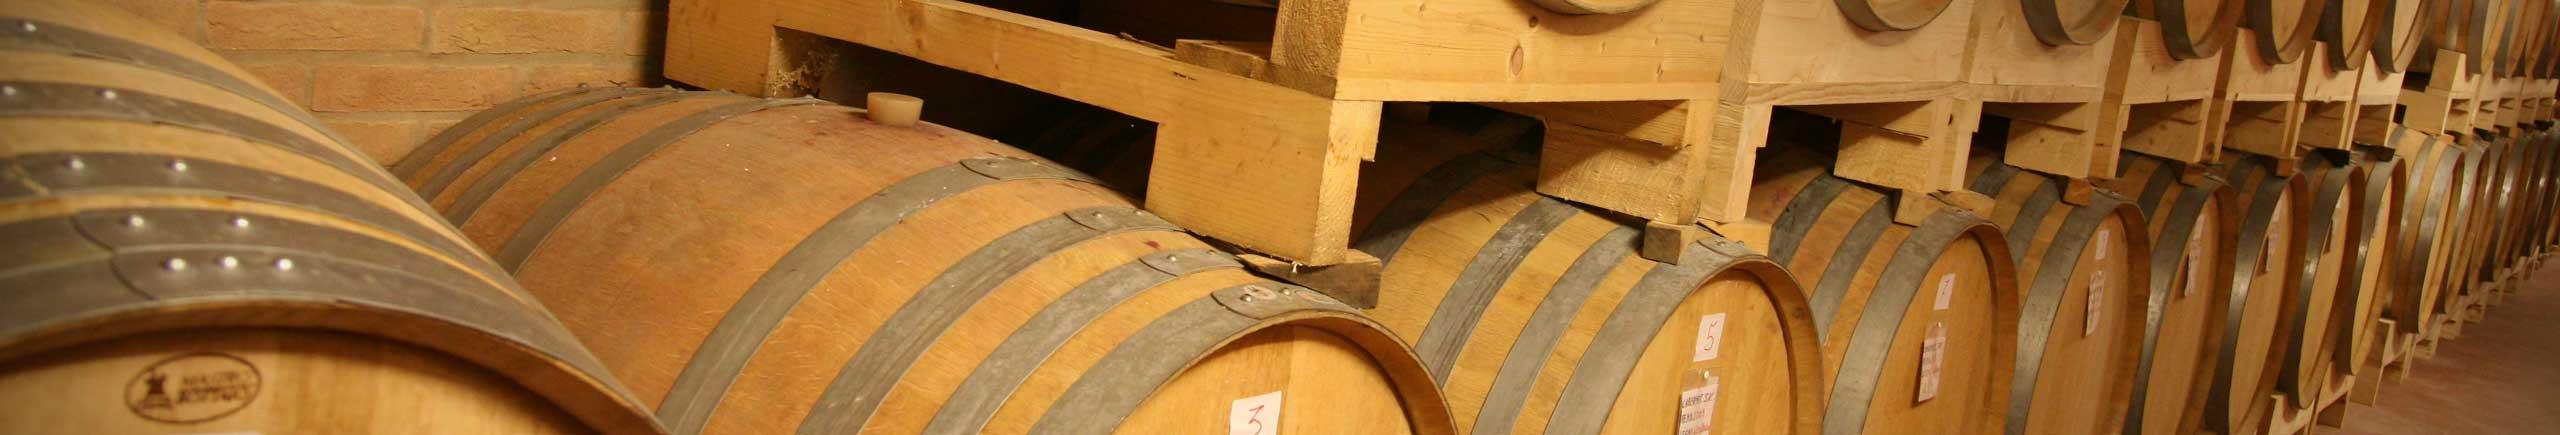 Botti di vino Le Volpi - wine barrels